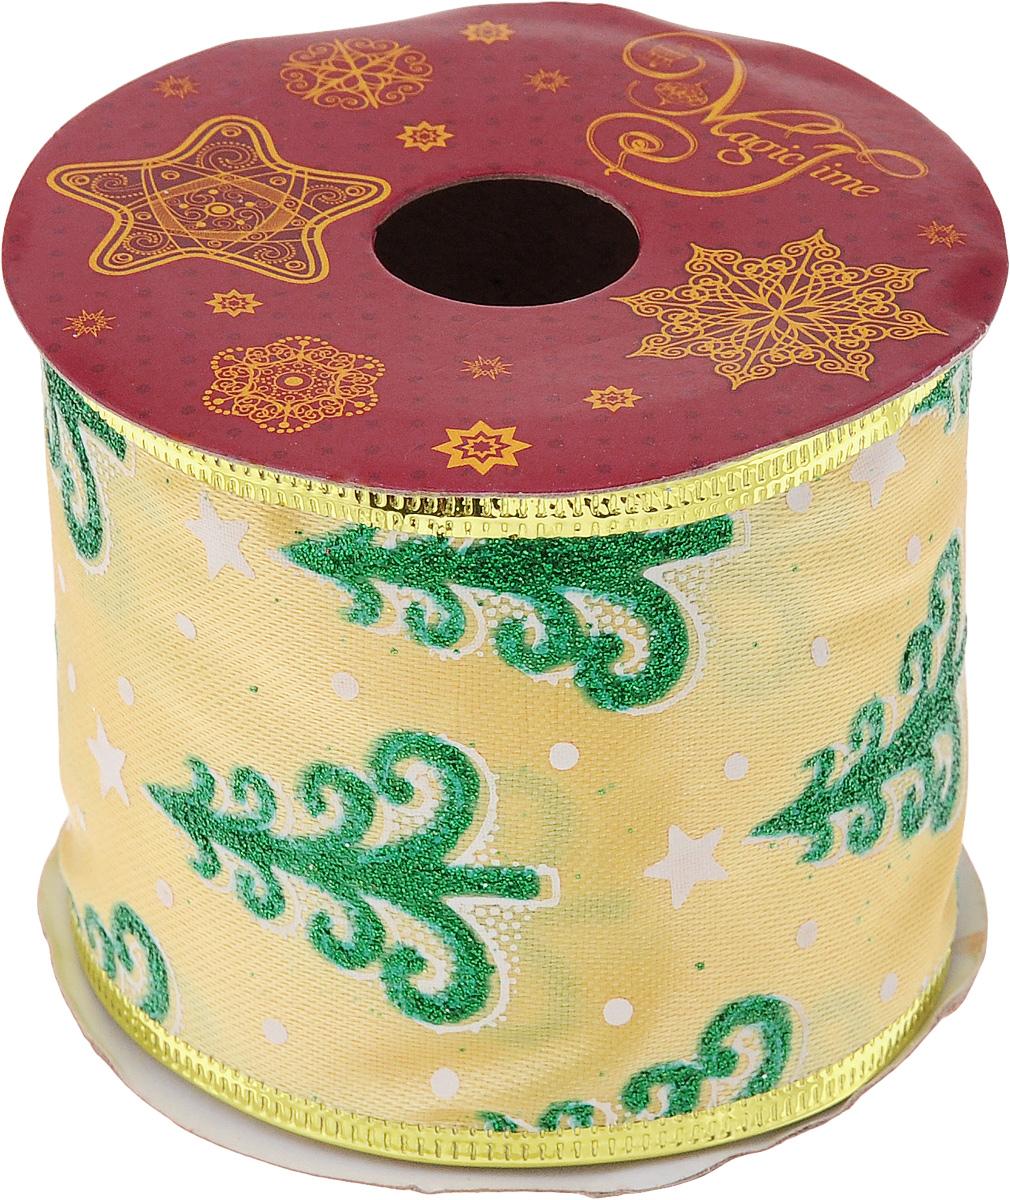 Лента новогодняя Magic Time Новогодние ели, 6,3 см х 2,7 м42820Декоративная лента Magic Time Новогодние ели выполненаиз полиэстера. Вкрая ленты вставлена проволока, благодаря чему еелегко фиксировать. Она предназначена для оформления подарочных коробок,пакетов. Кроме того, декоративная лента с успехом применяется дляхудожественного оформления витрин, праздничногооформления помещений, изготовления искусственных цветов.Декоративная лента украсит интерьер вашего дома к праздникам.Ширина ленты: 6,3 см.